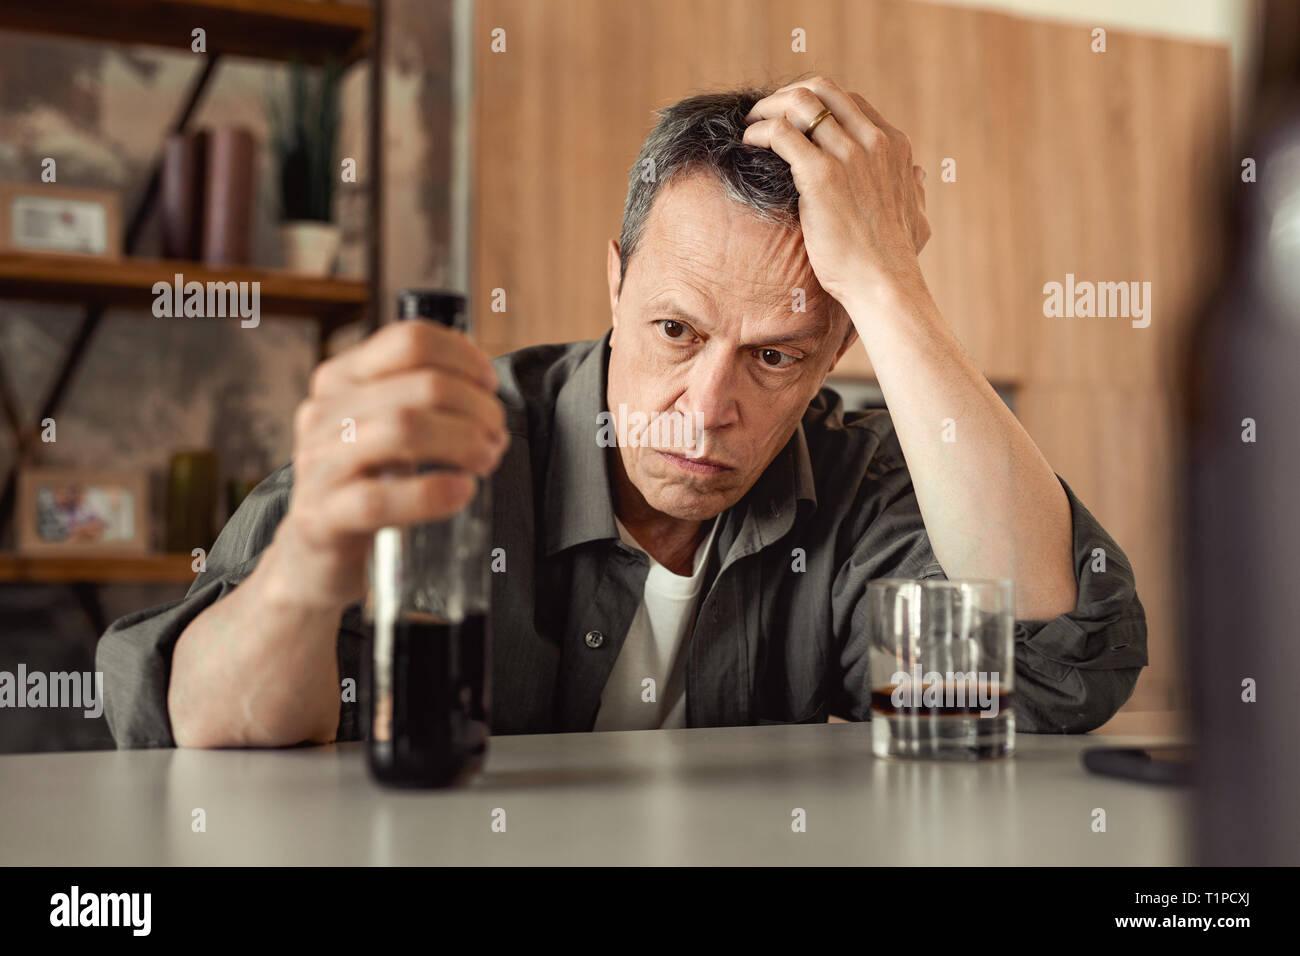 Apatico a pelo corto uomo appoggiato sulla sua mano e portante in parte-bottiglia vuota Immagini Stock